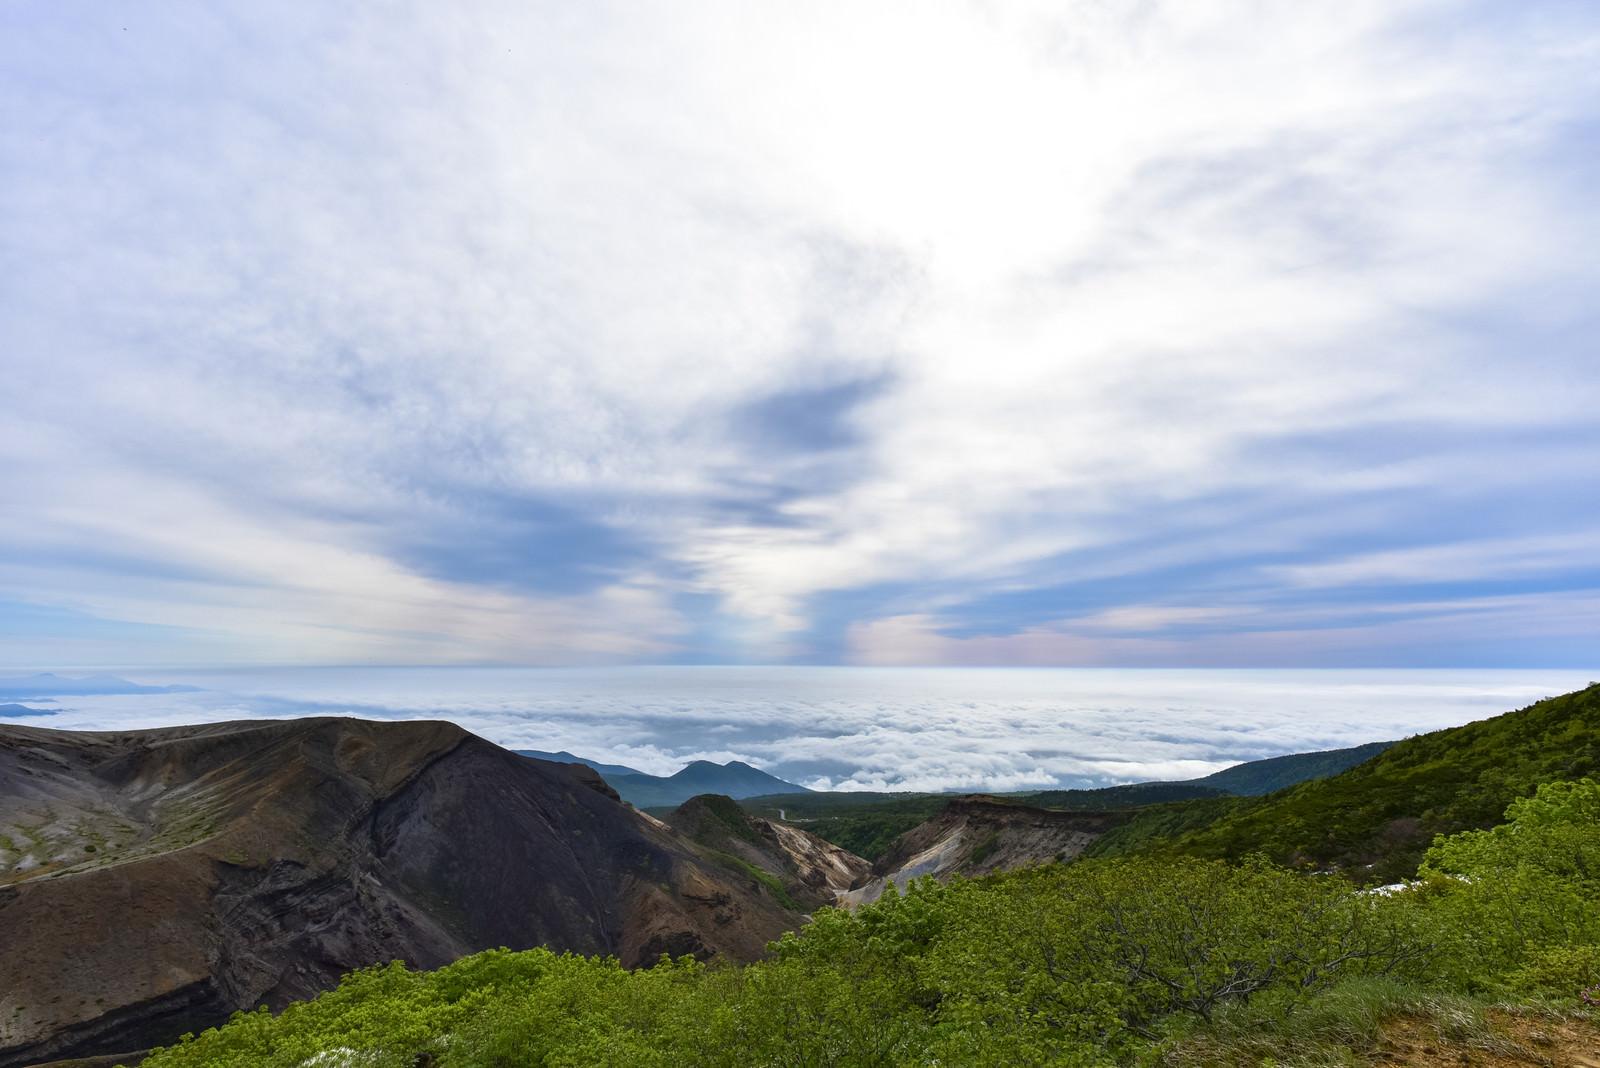 「雲海と上層雲に挟まれた山々(蔵王)」の写真